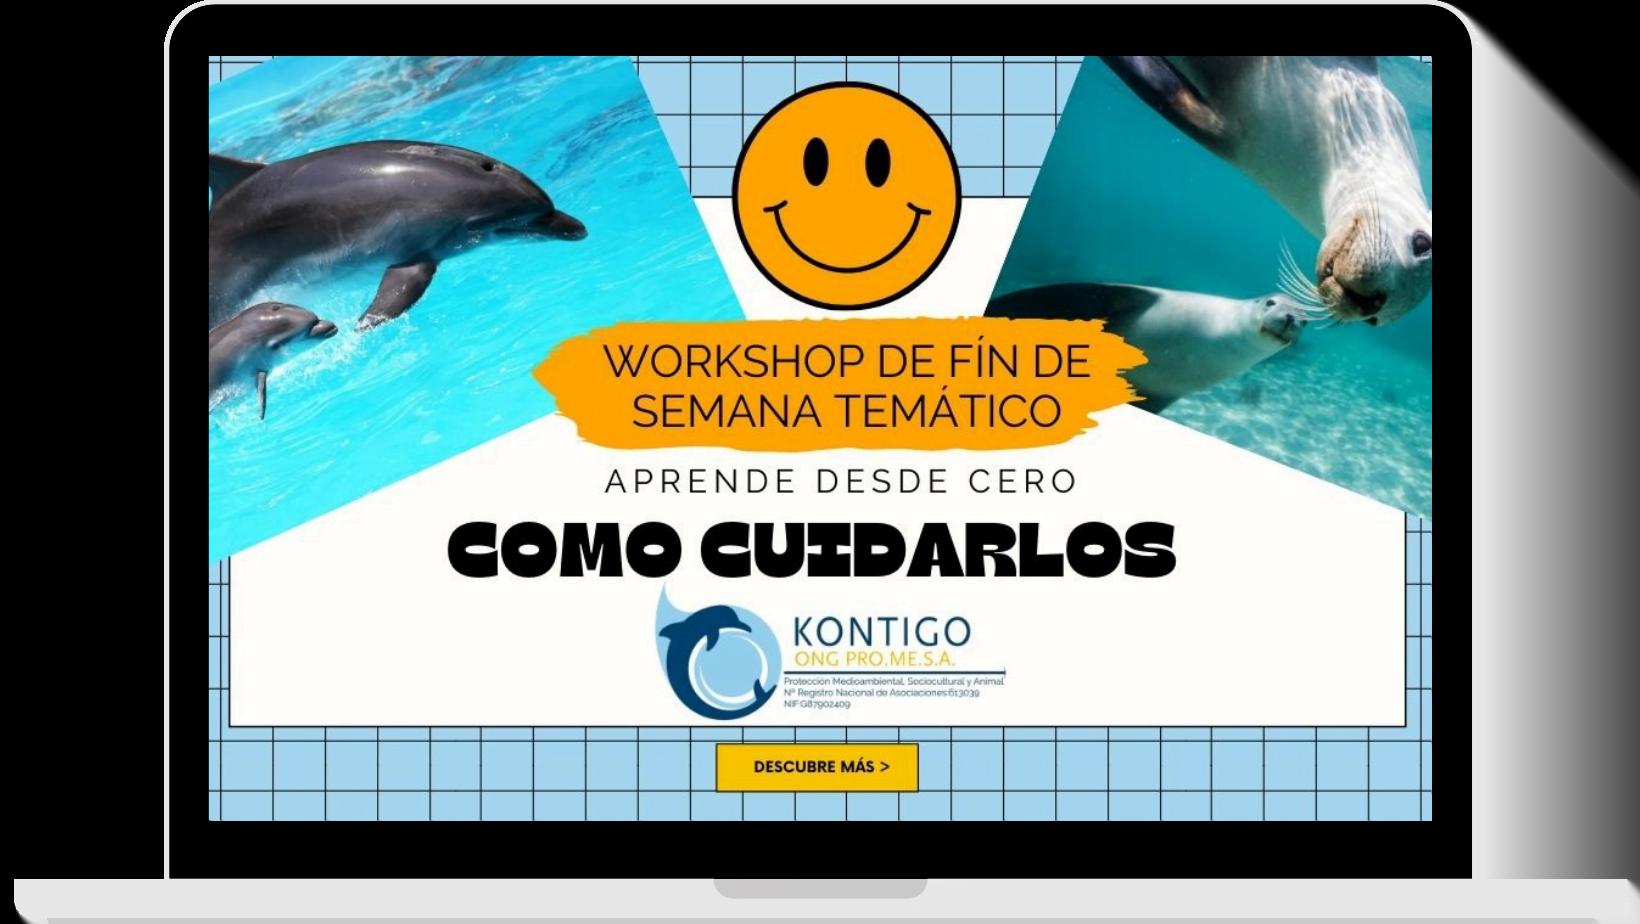 Workshop, cómo cuidar delfines y leones marinos